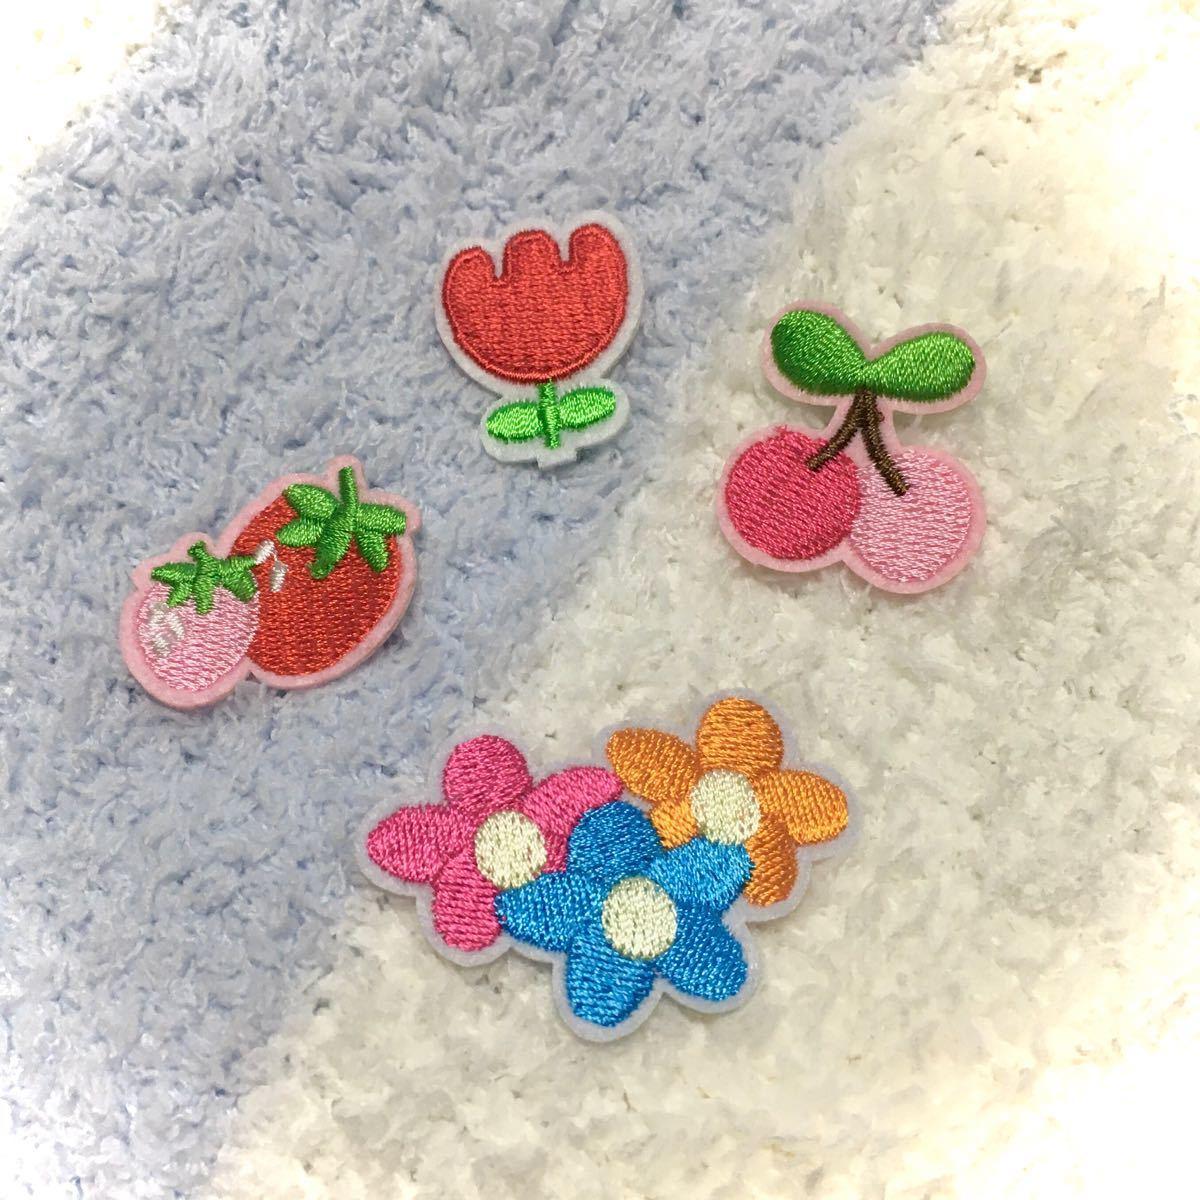 アイロンワッペン 刺繍ワッペン 花 果物